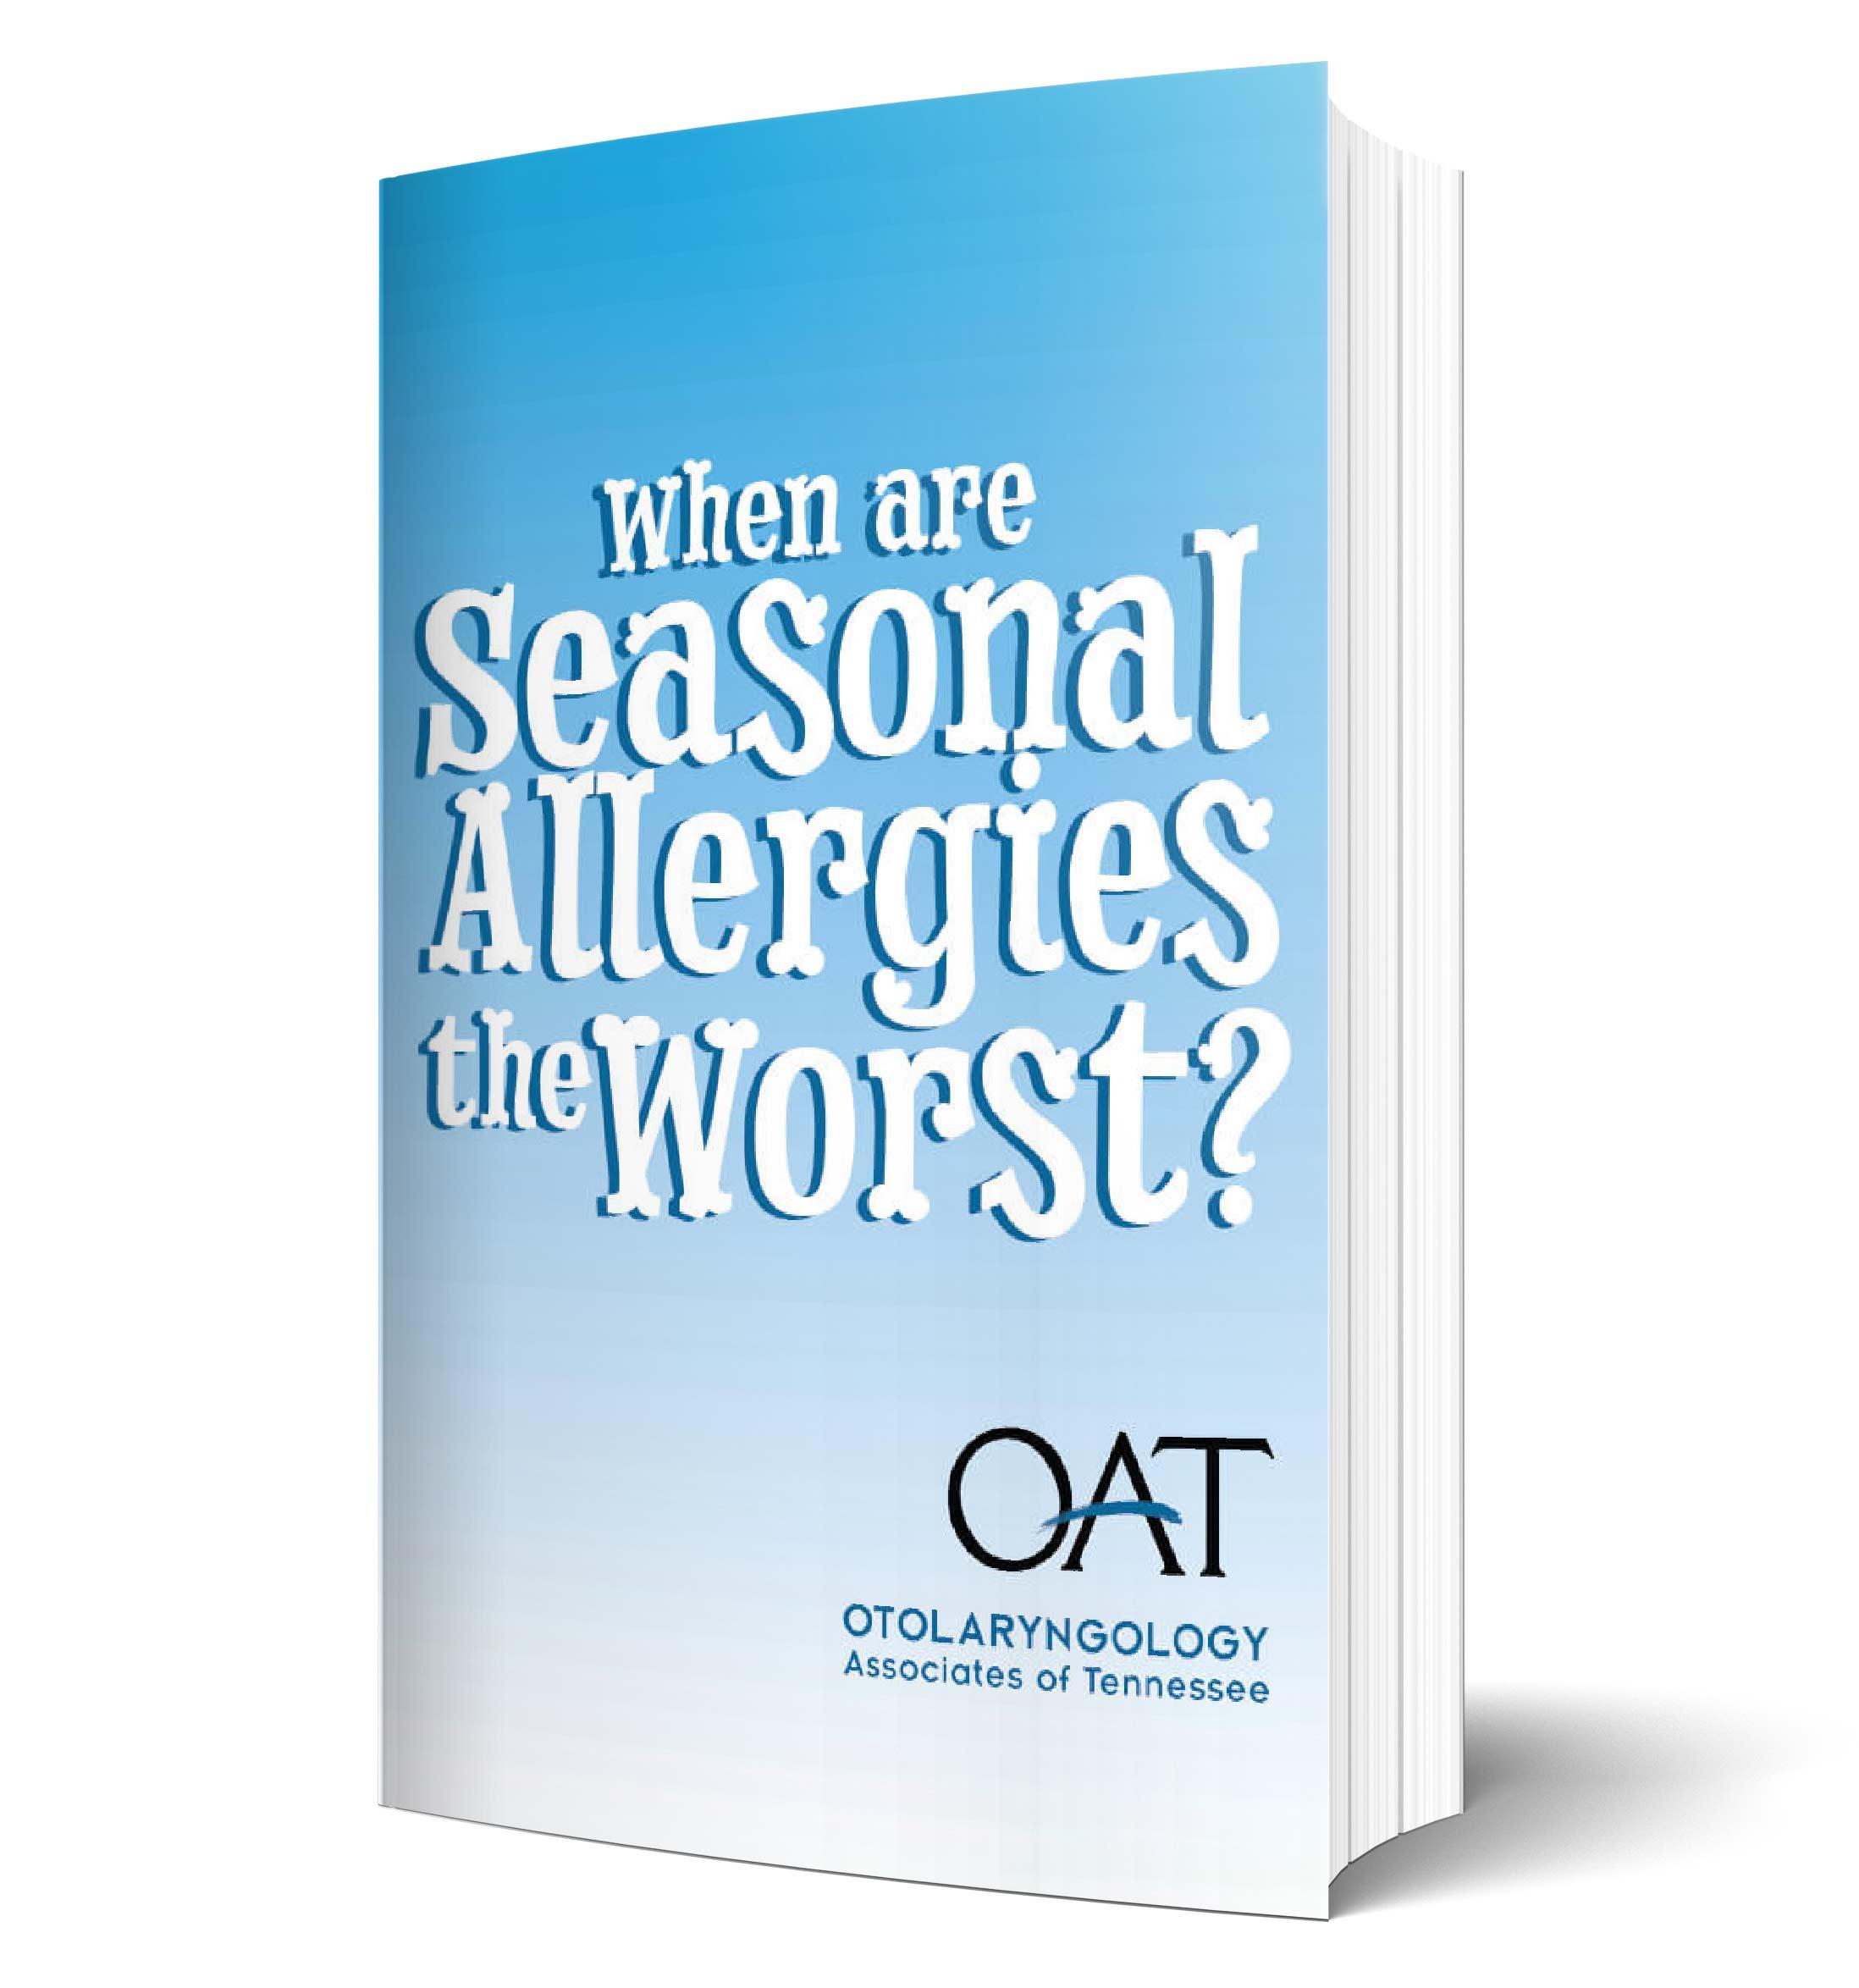 Seasonal-Allergies-Infographic.jpg